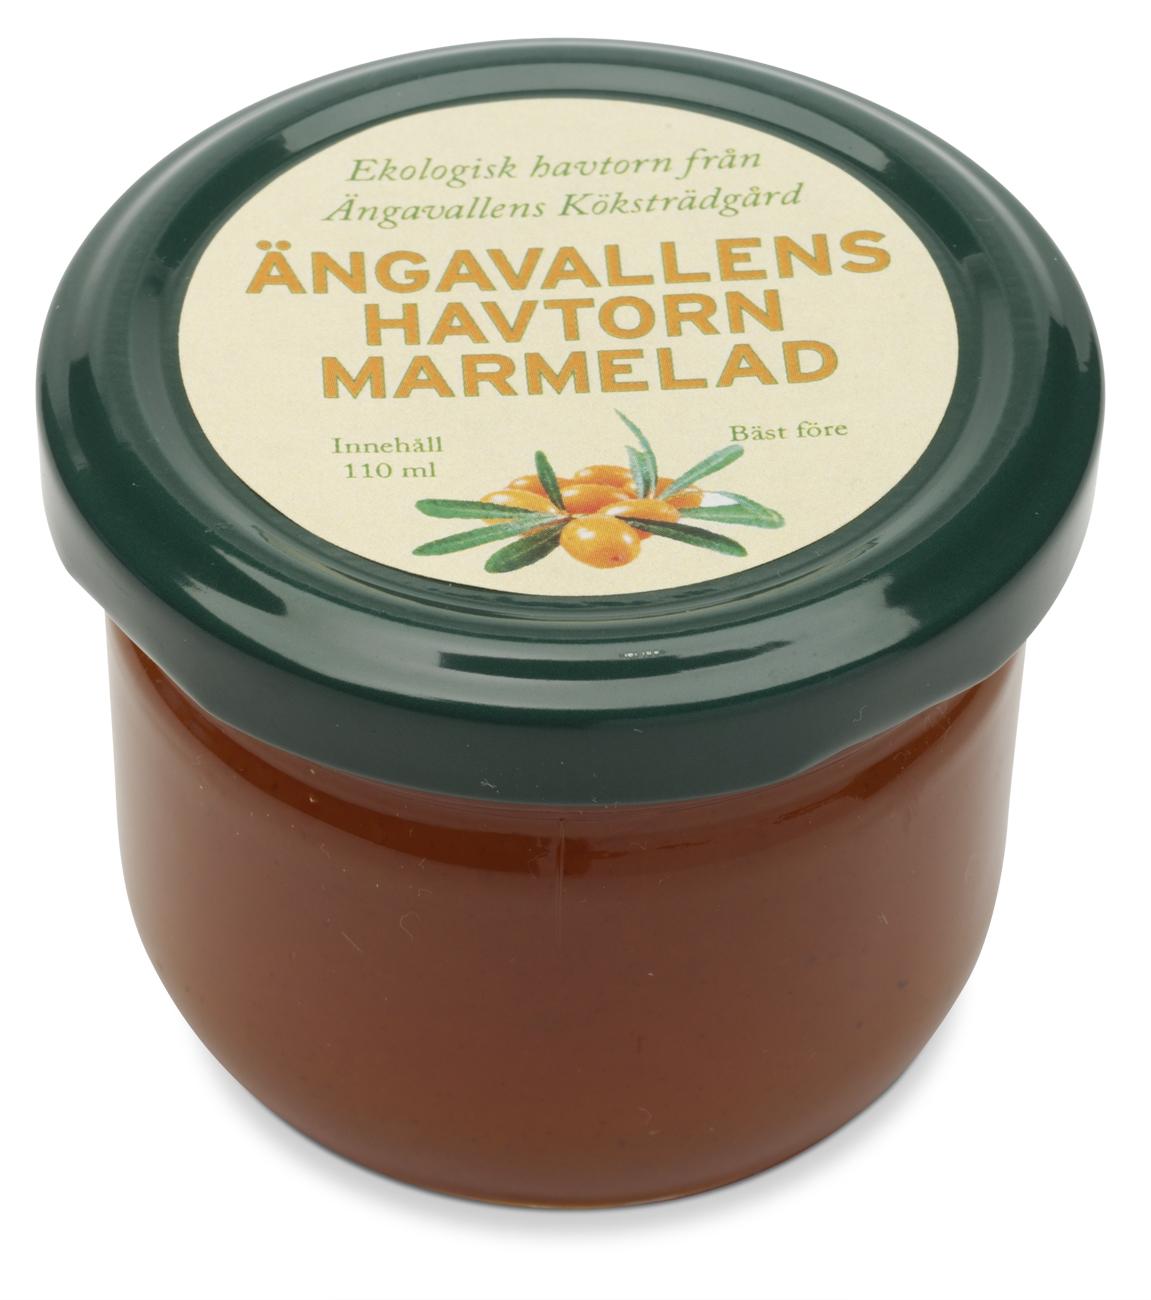 Ängavallens Havtorns marmelad